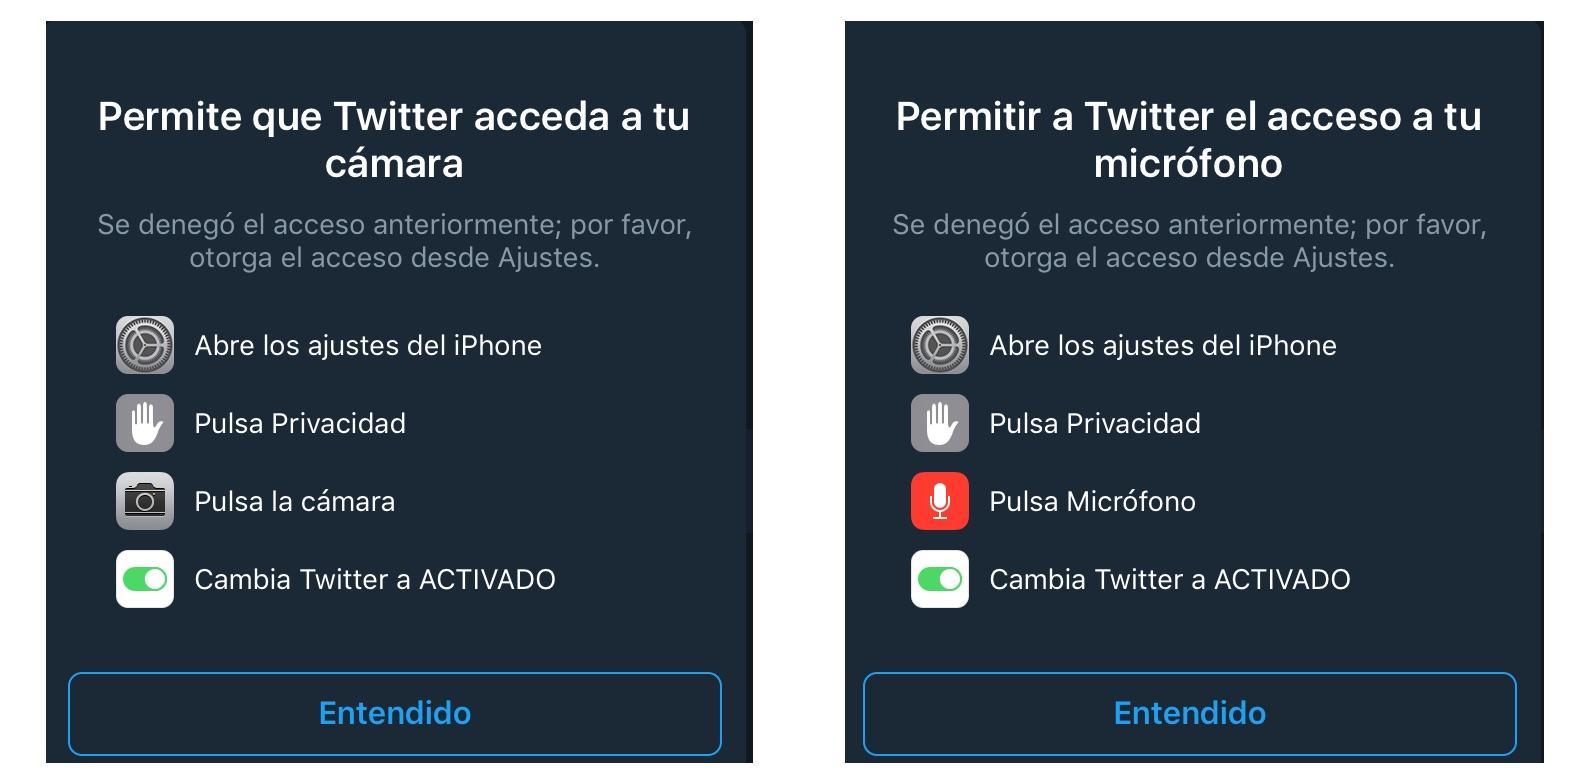 privacidad-permite-twitter-emitir-video